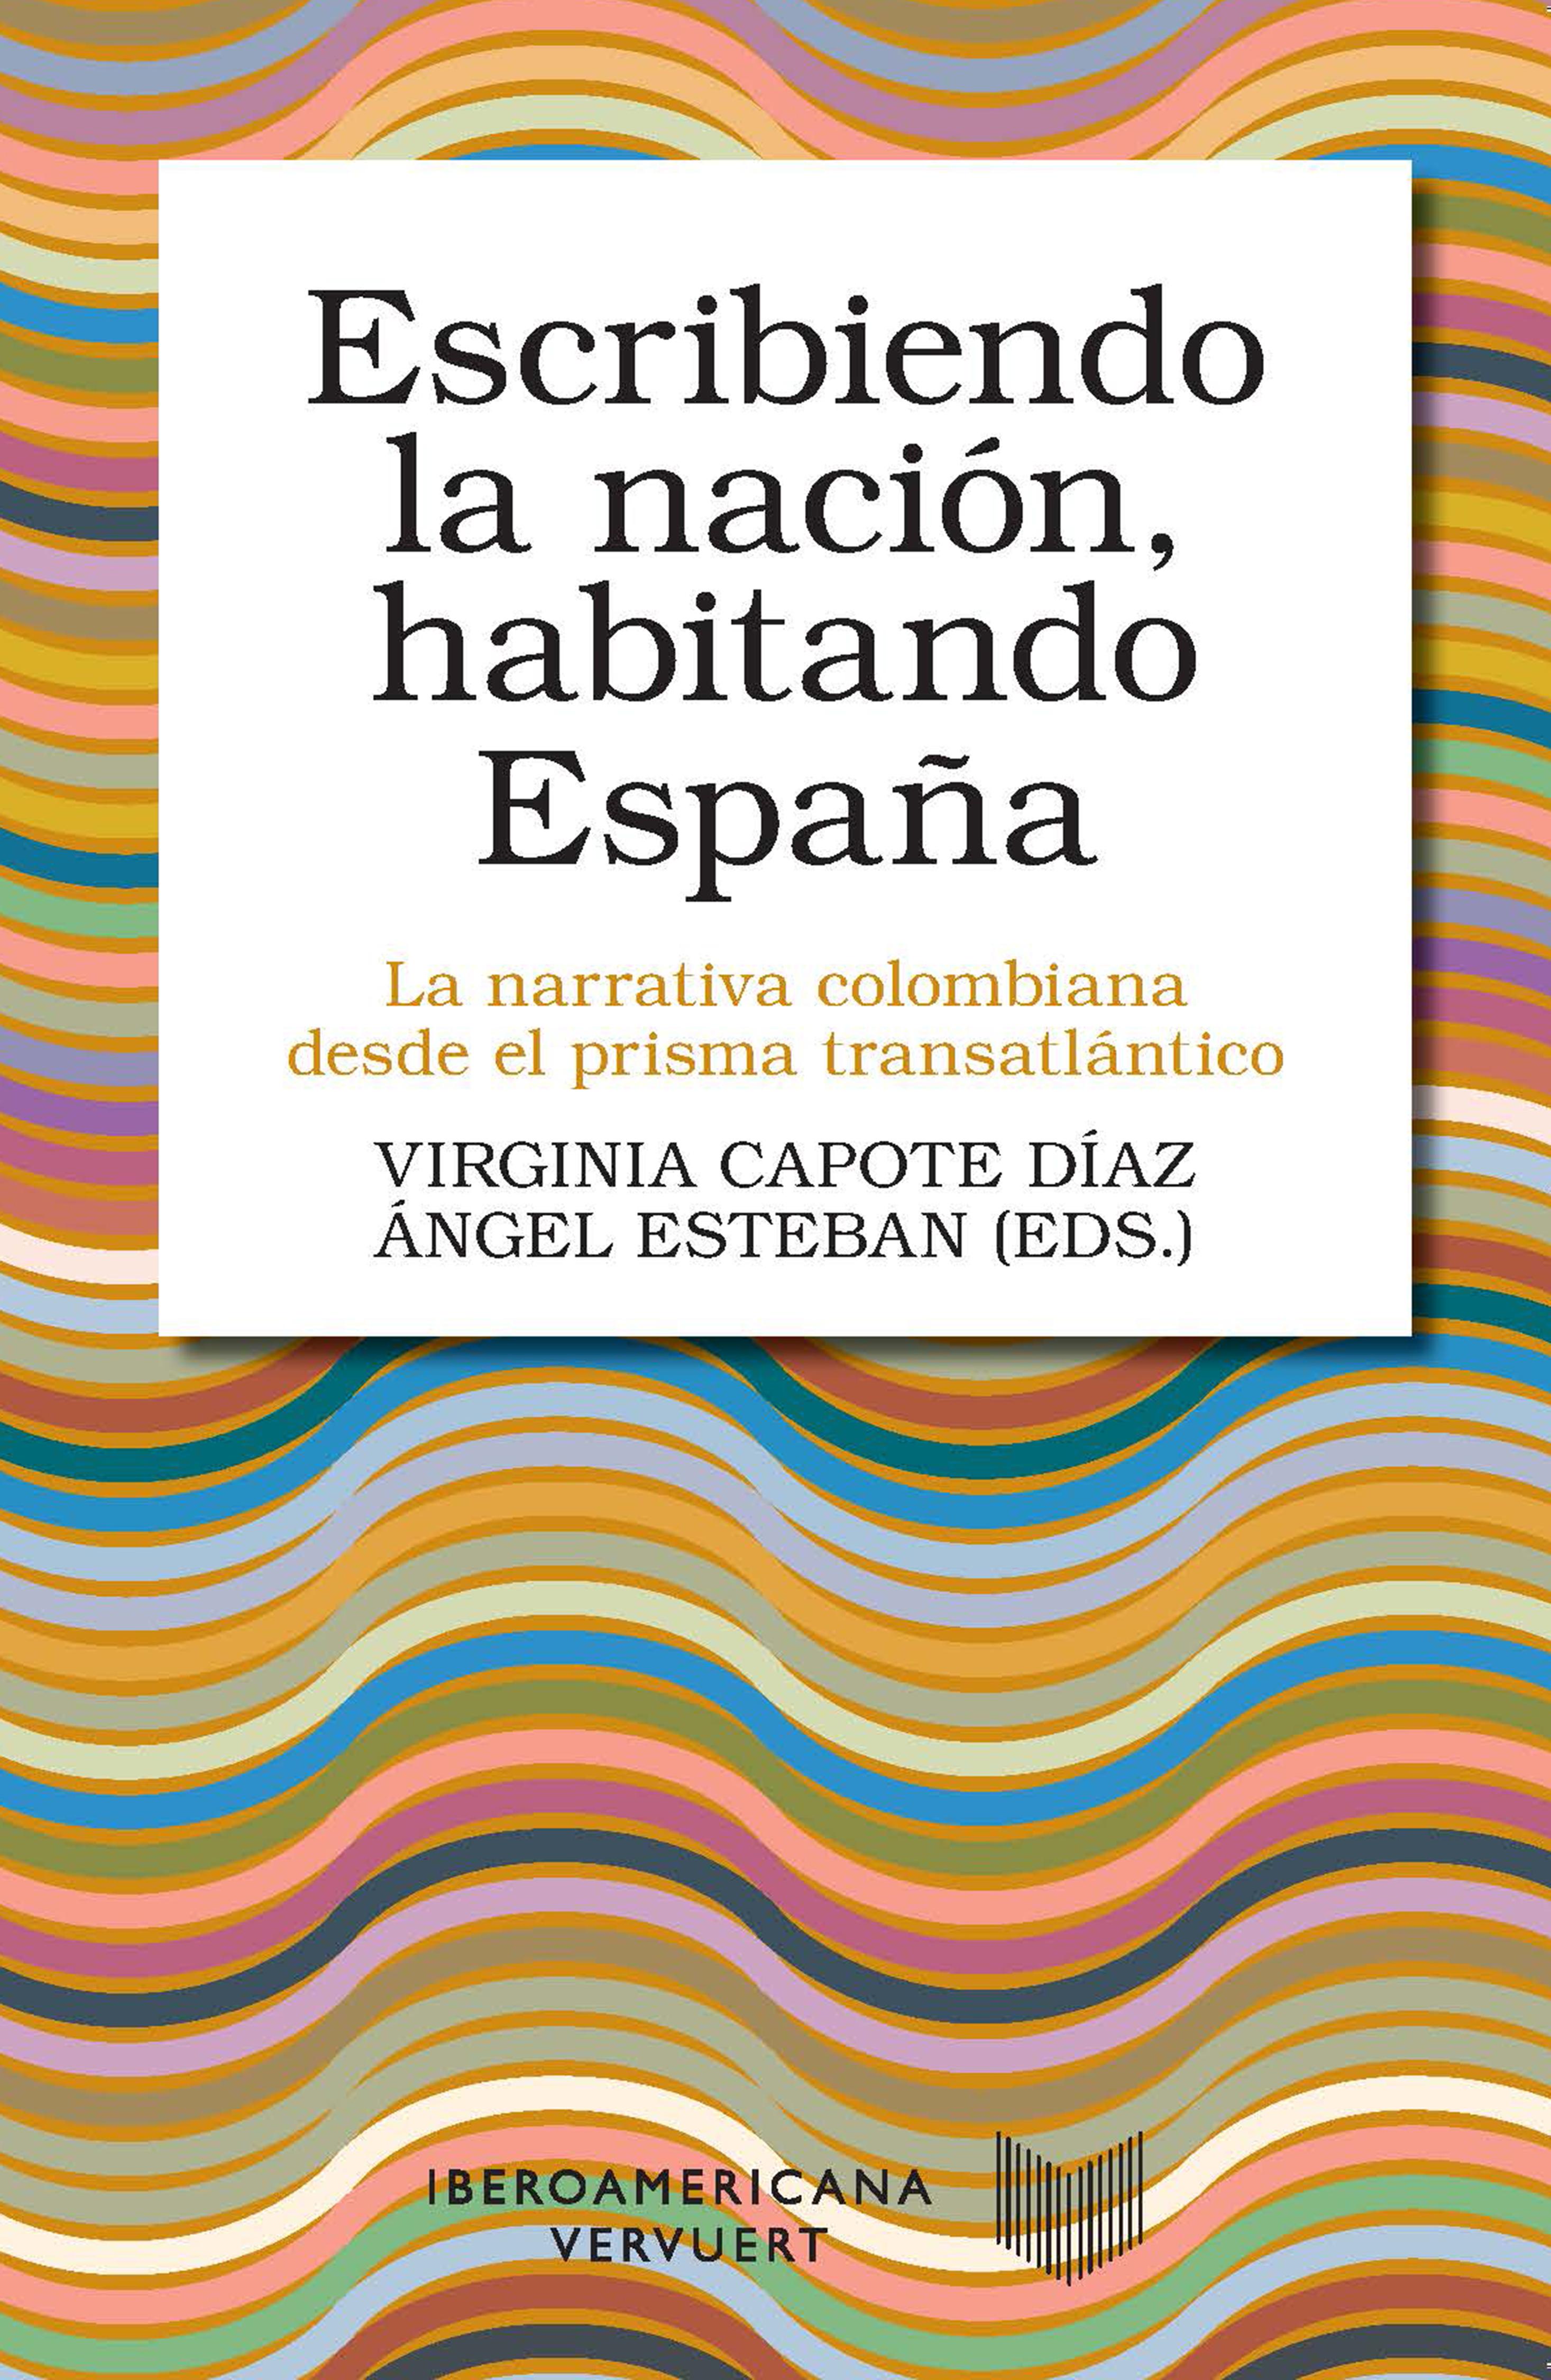 Escribiendo la nación, habitando España